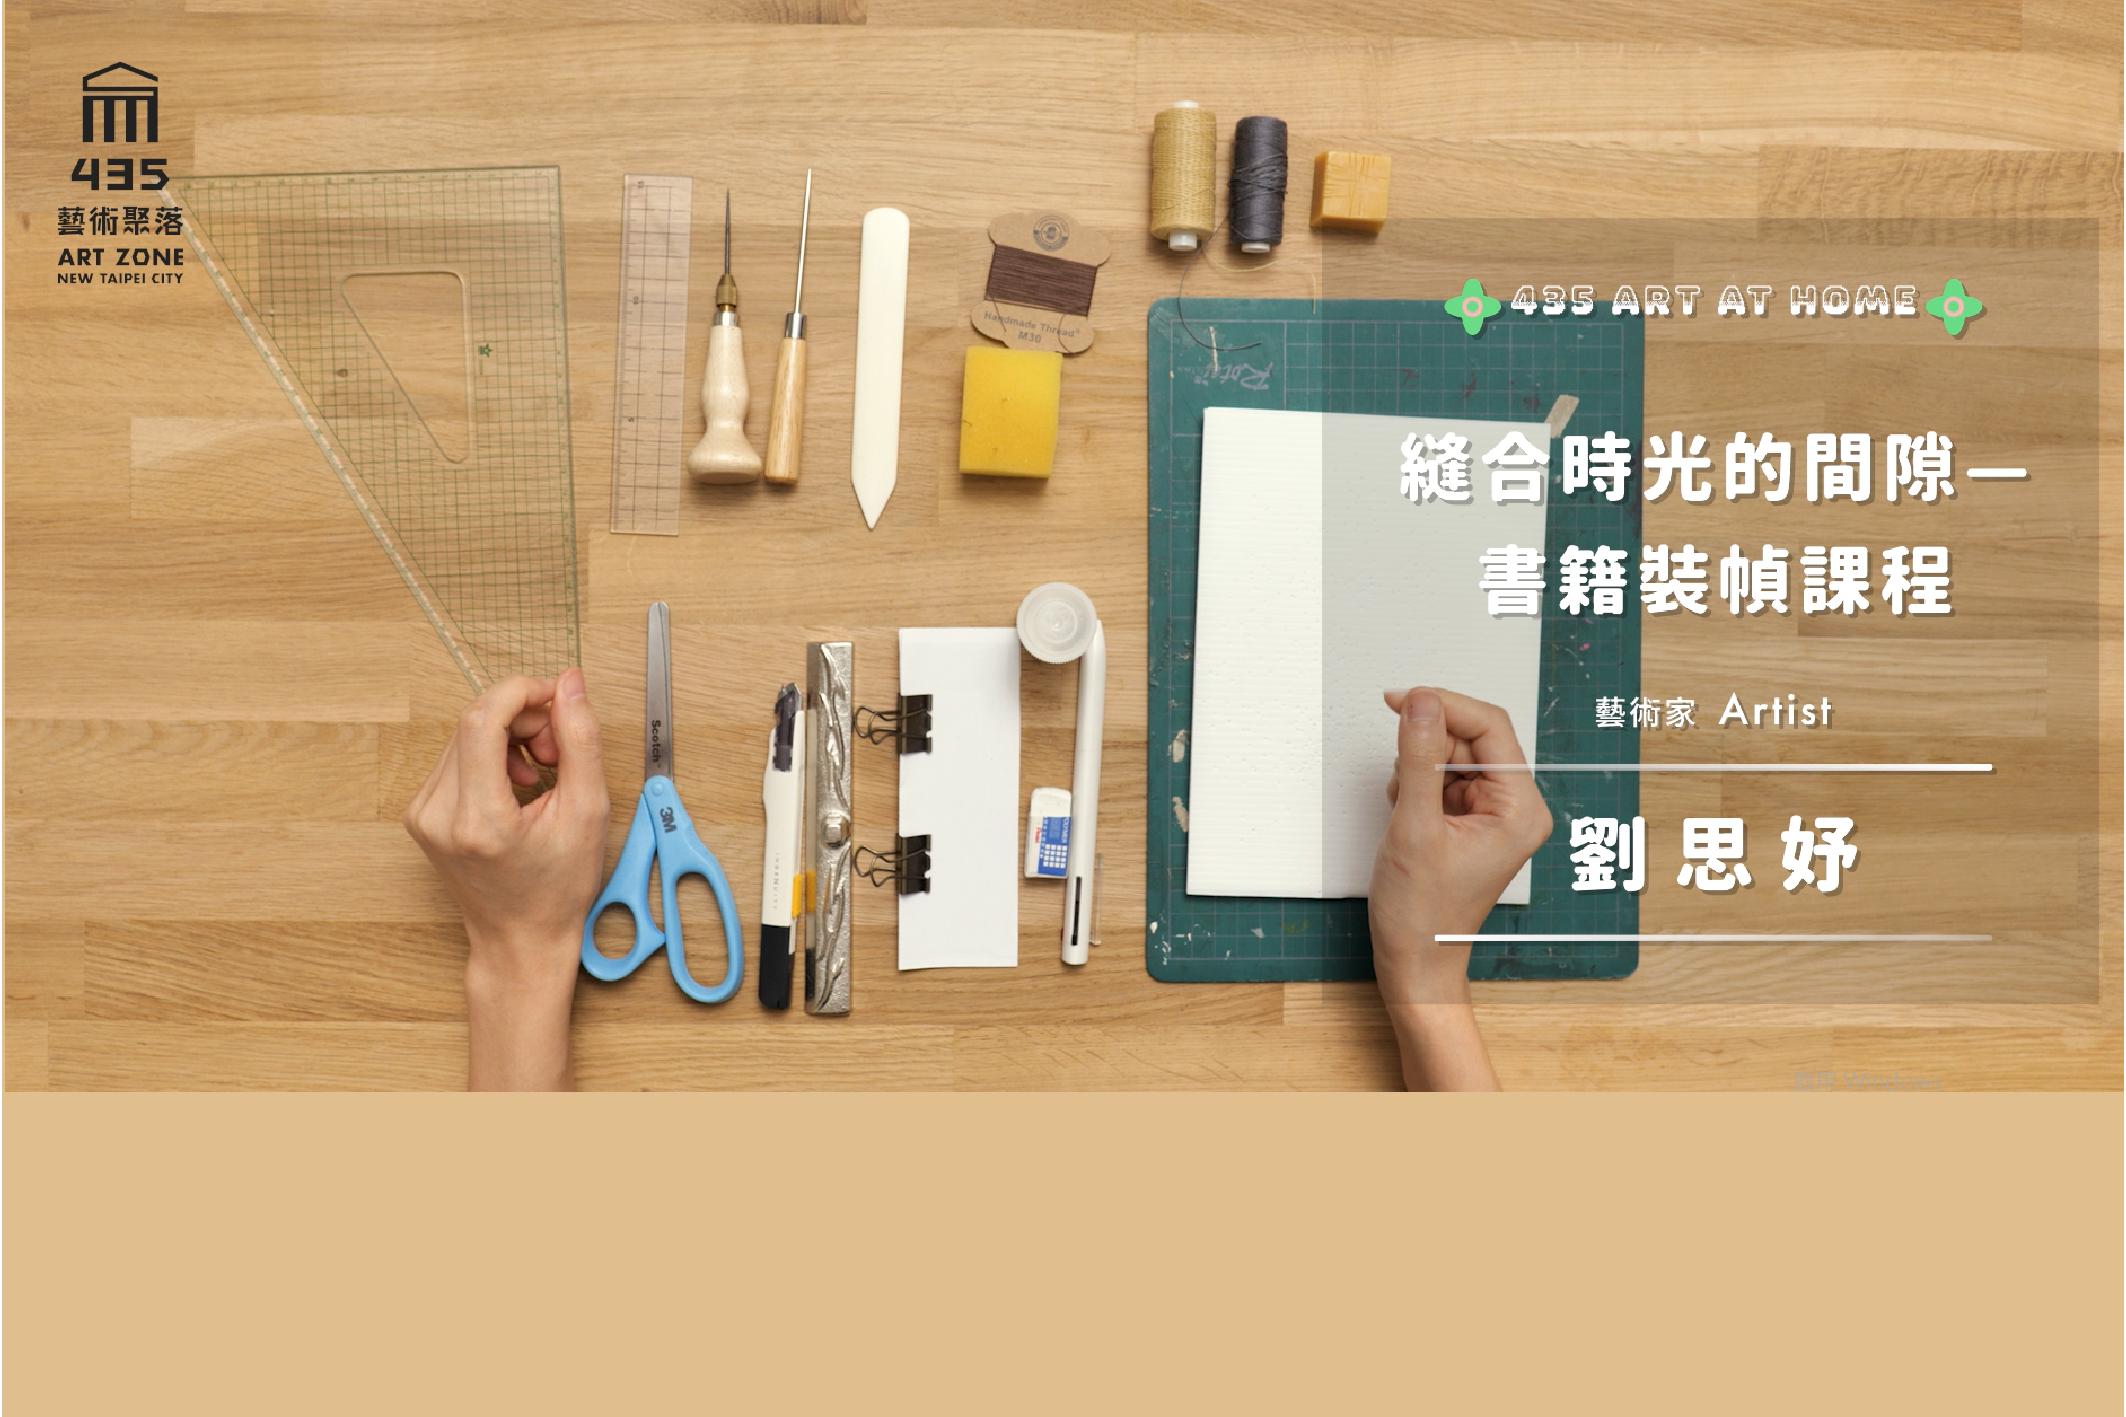 【🏠 435 ART AT HOME 🏠】EP05|劉思妤|《縫合時光的間隙-書籍裝幀課程》